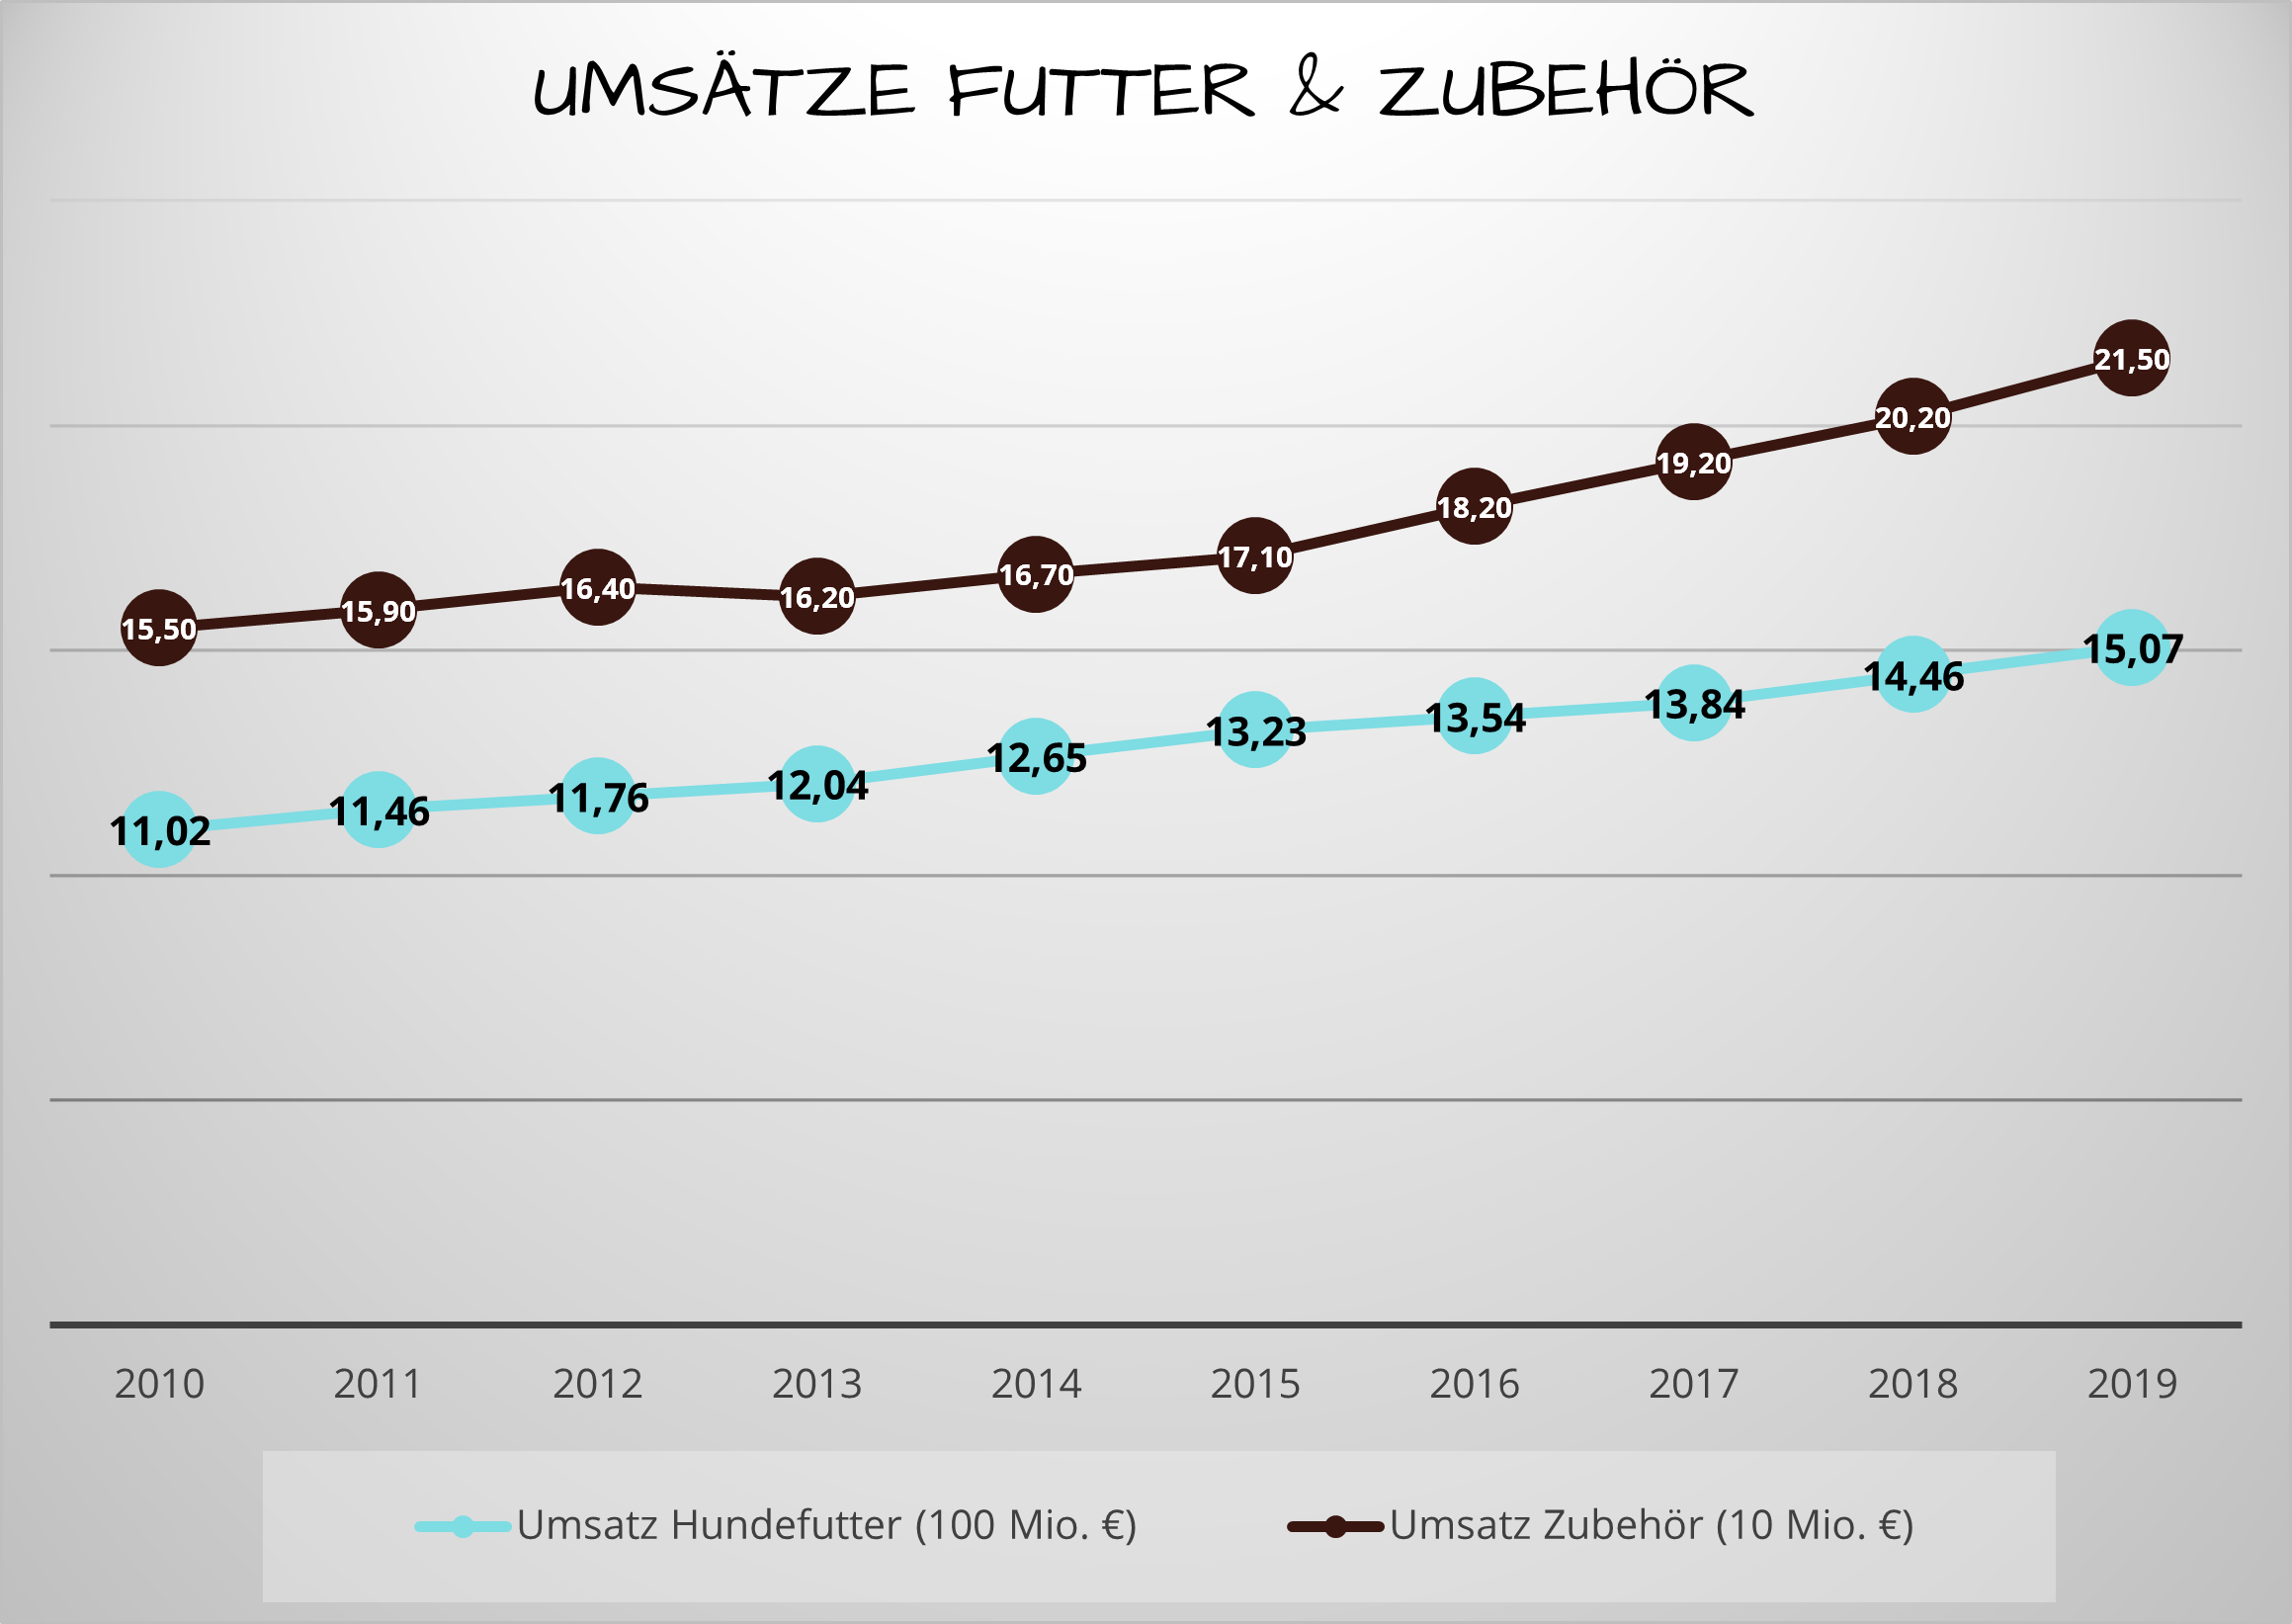 Umsätze Futter & Zubehör (Quelle: IVH/Statista)